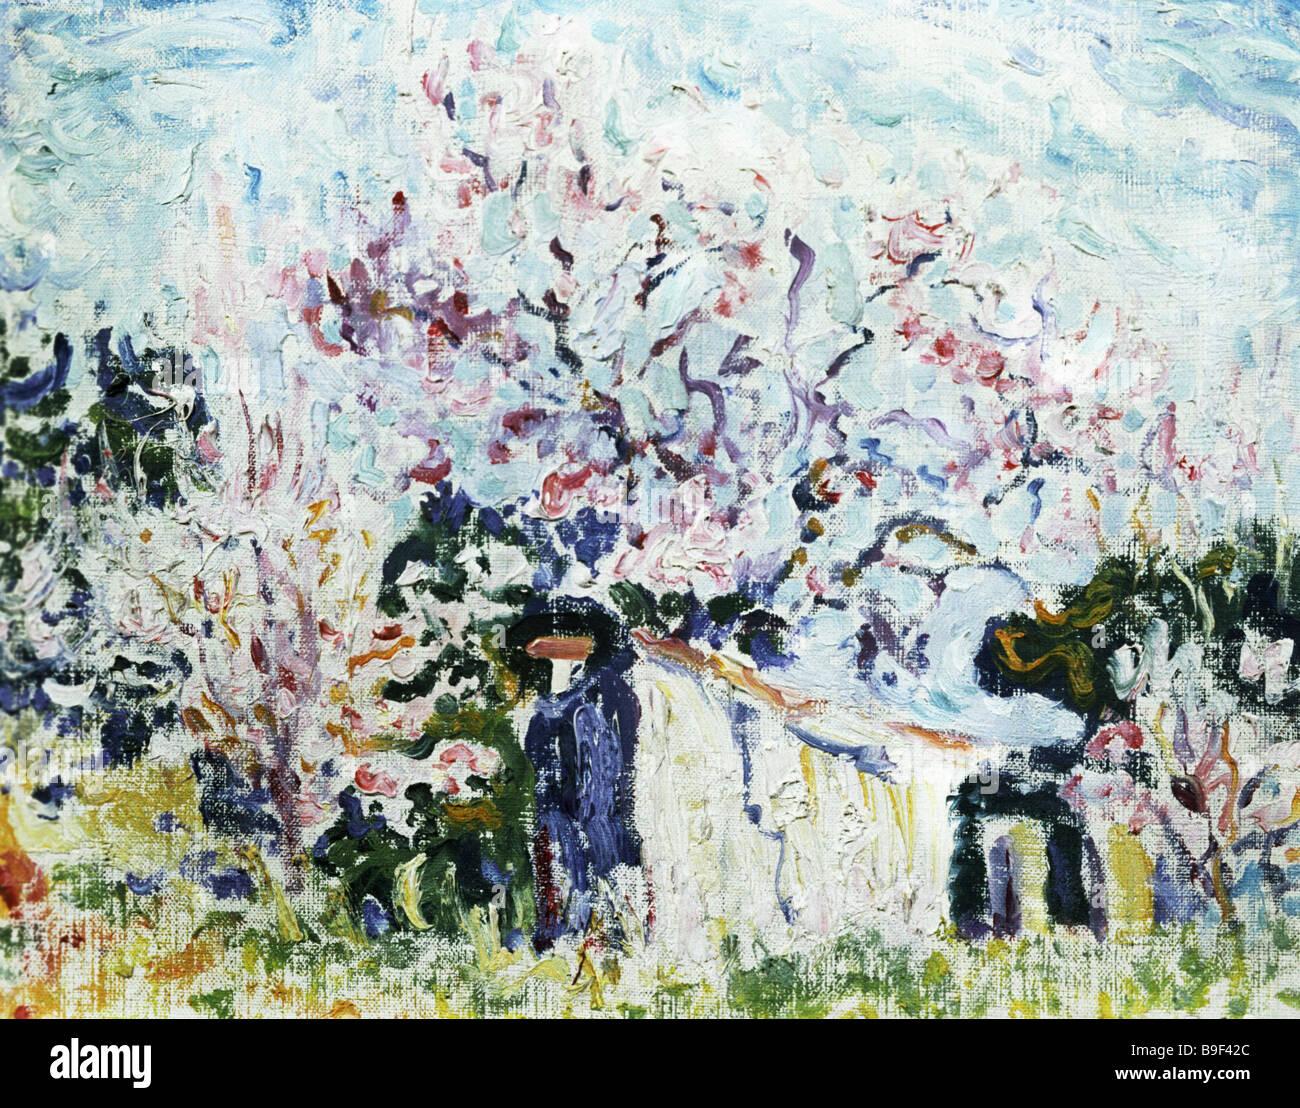 Reproduktion von Paul Signac s 1863 1935 Gemälde Frühling in der Provence aus dem Puschkin Museum für bildende Künste-Sammlung Stockfoto